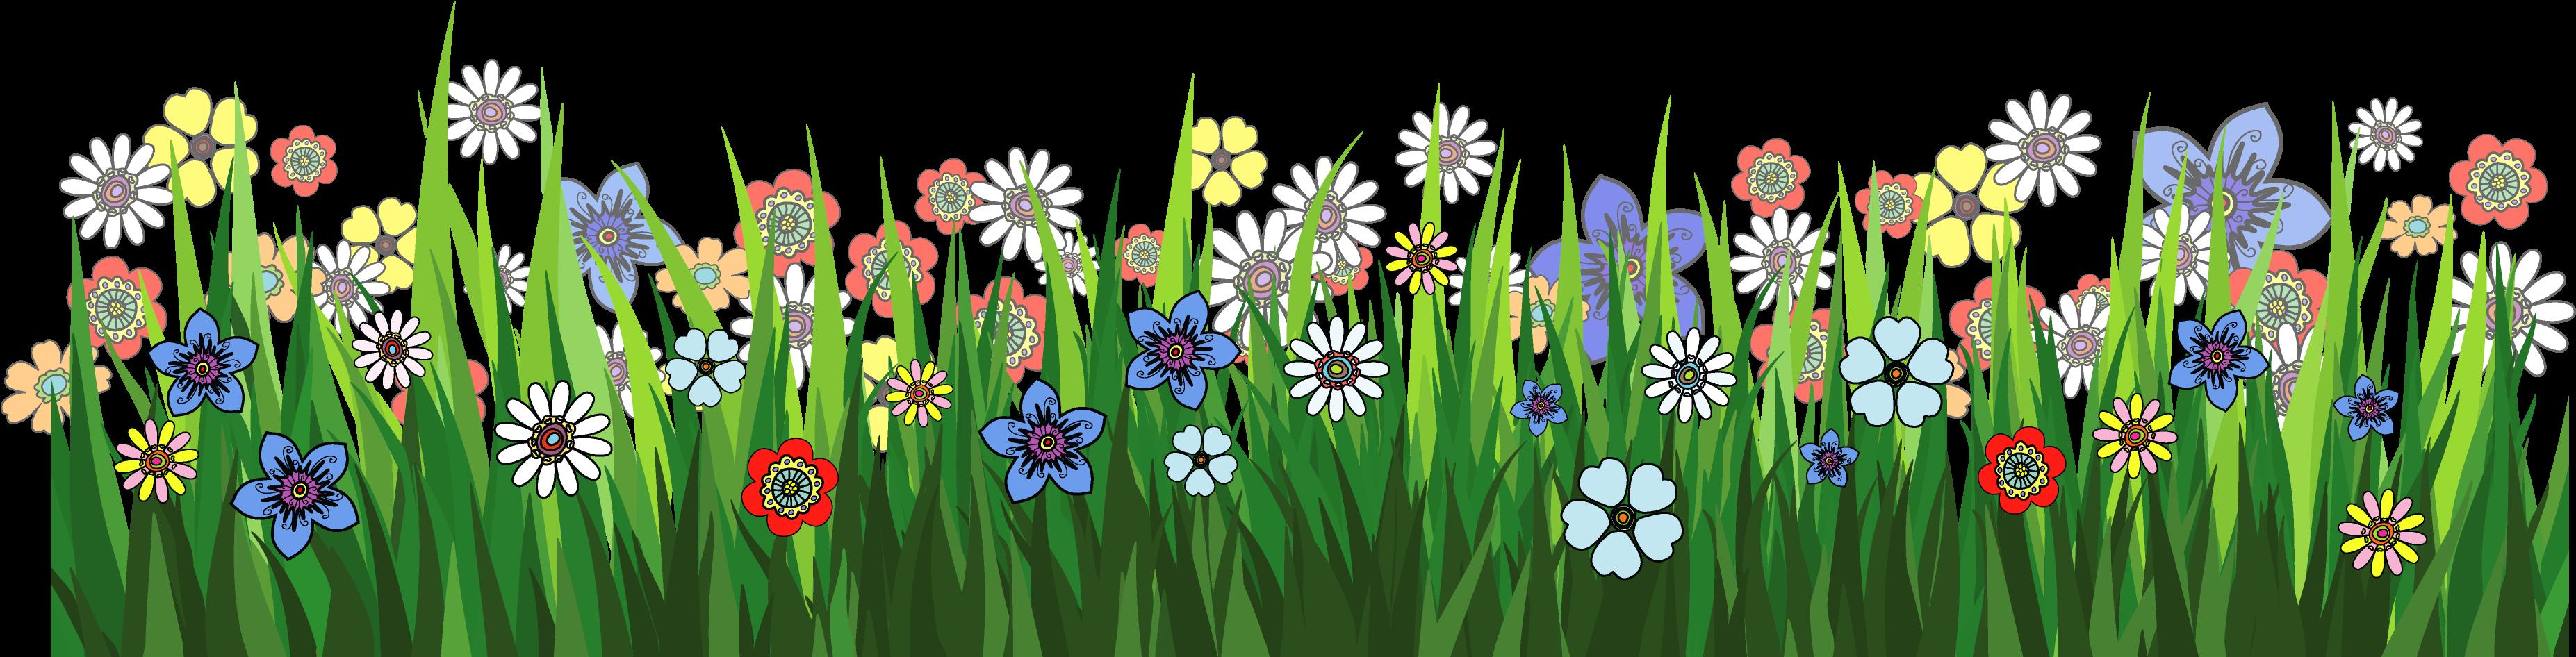 Grass Clipart Cartoon.